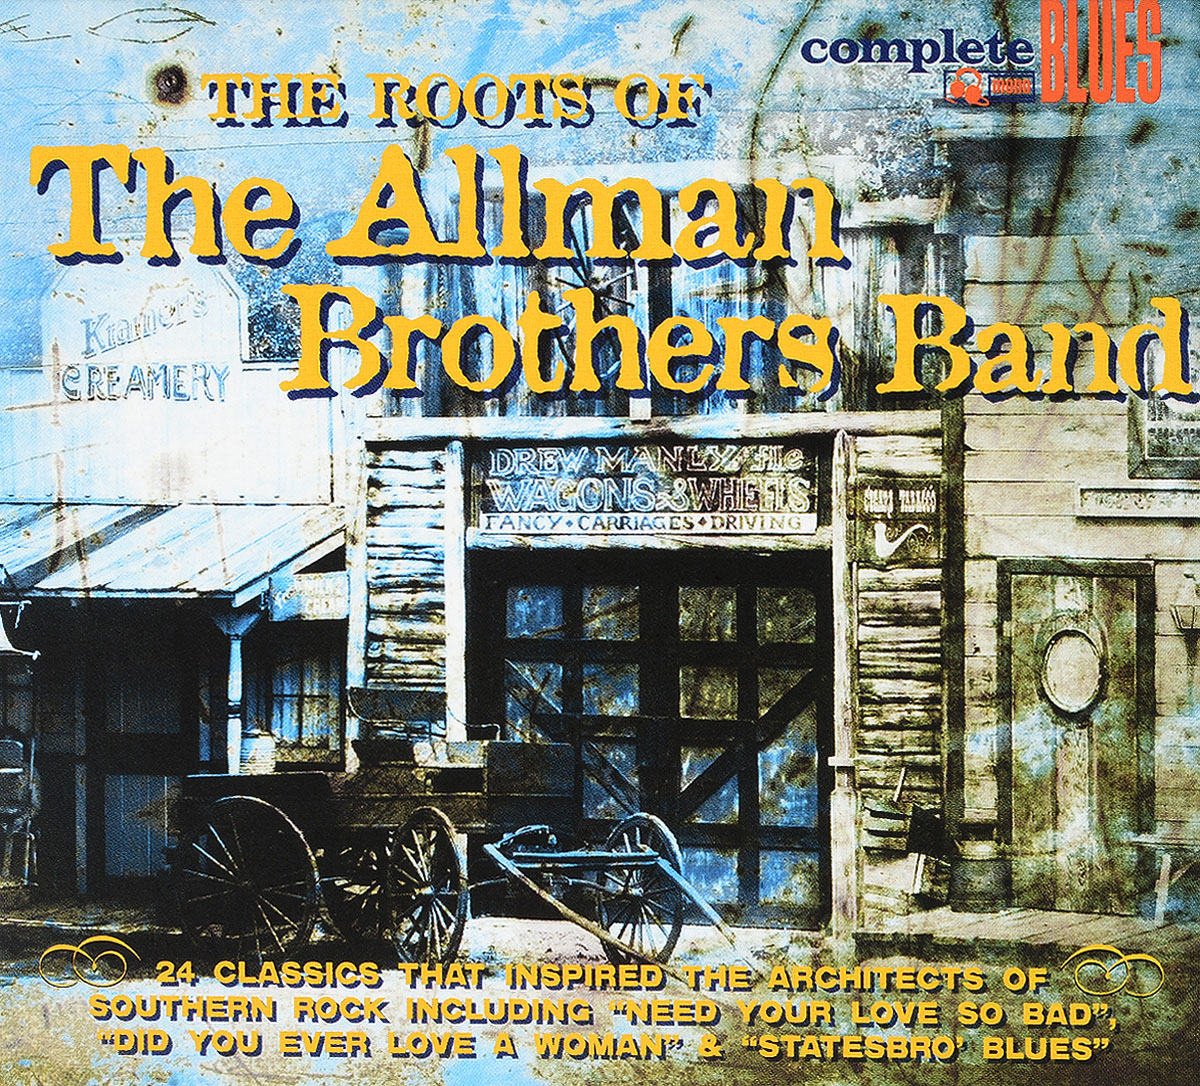 Биг Билл Брунзи,Блайнд Бой Фуллер,Блайнд Уилли Мактелл,Ти-Боун Уокер,Би Би Кинг,Артур Бернетт Честер,Мадди Уотерс,Элмор Джеймс,Чак Берри Complete Blues. The Roots Of The Allman Brothers Band бадди гай роберт джонсон артур бернетт честер мадди уотерс этта джеймс вилли диксон 100 years of the blues 2 cd